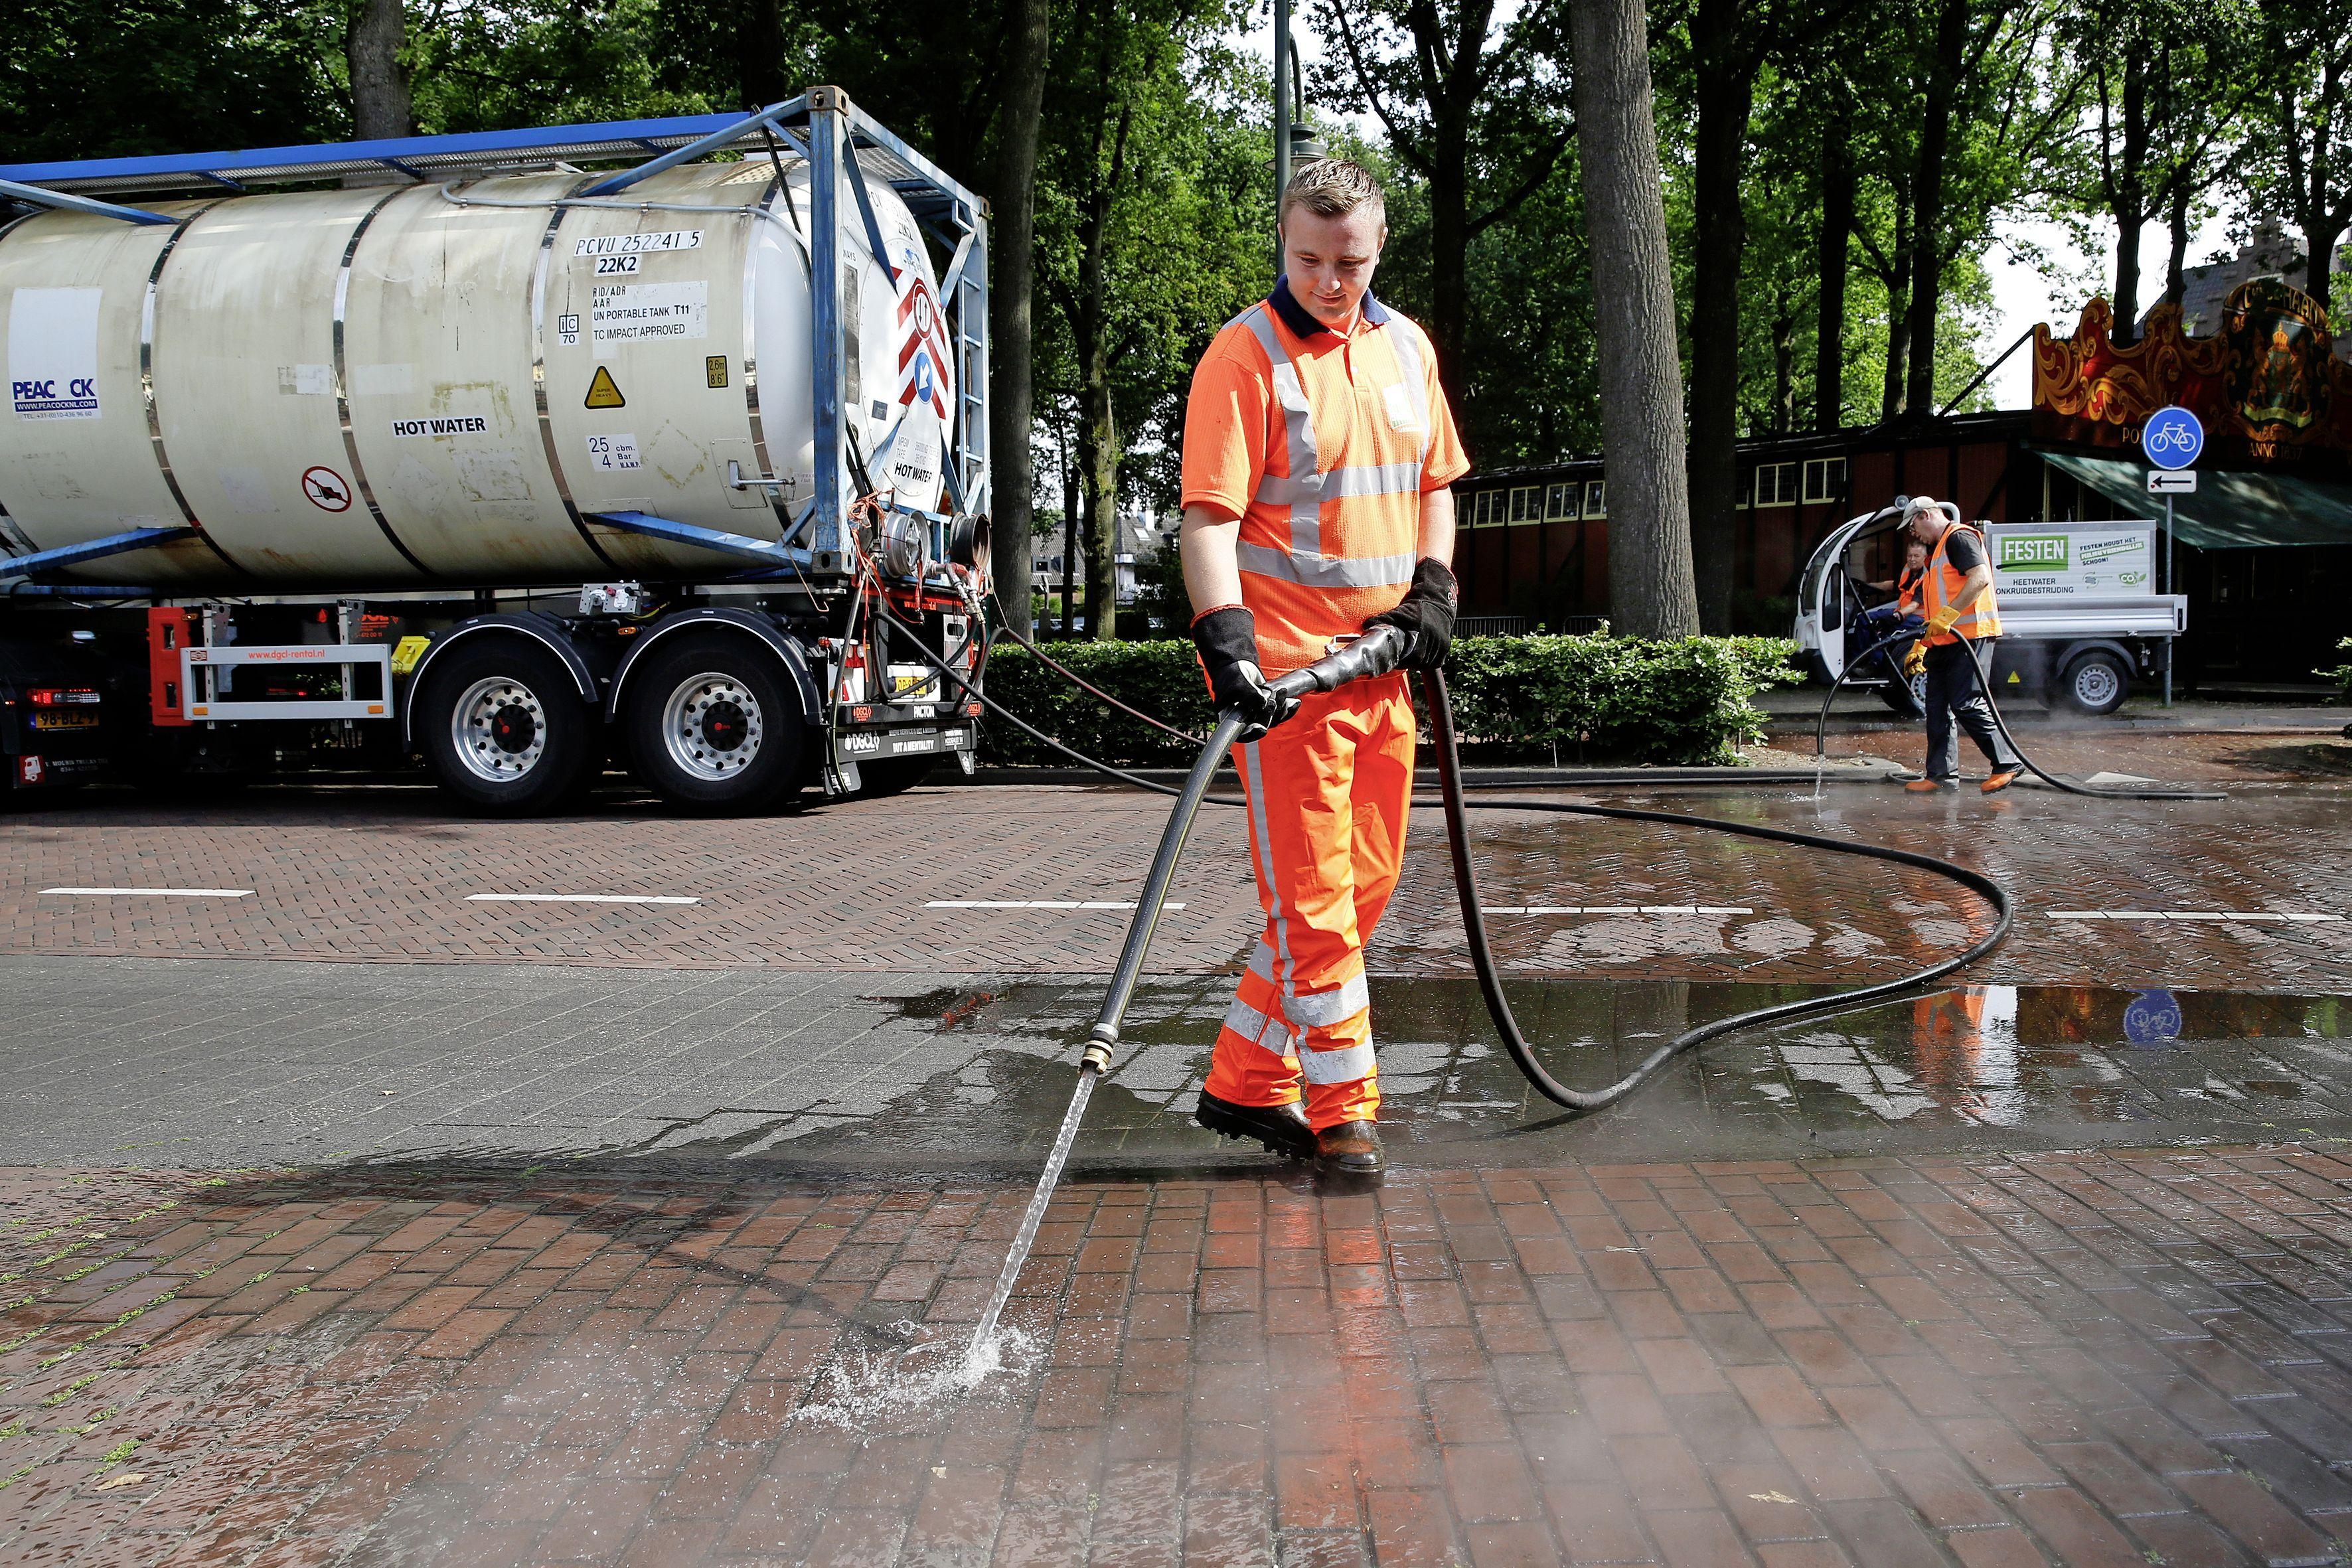 BEL gaat onkruid gifvrij en energieneutraal te lijf; Drie gemeenten experimenteren met CO2-neutraal opgewarmd kokend water